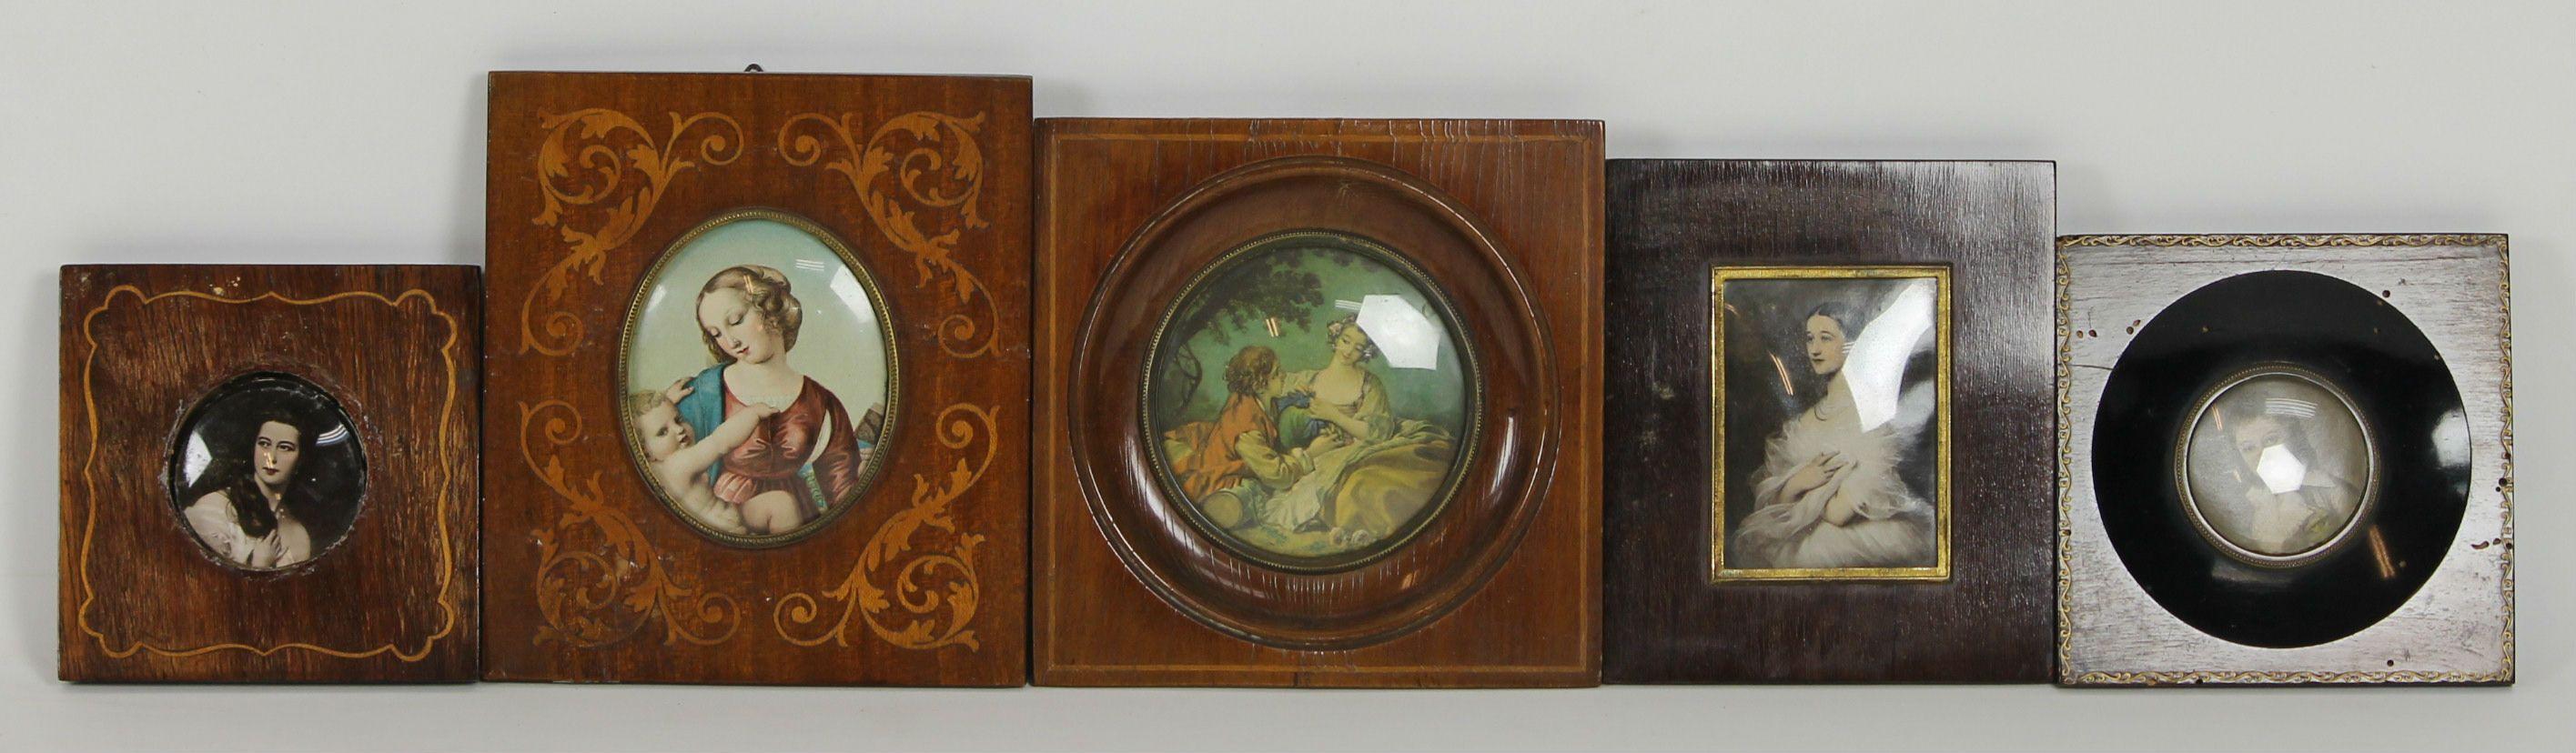 Set de 5 marcos y retratos. marcos en madera y marqueteria. siglo ...